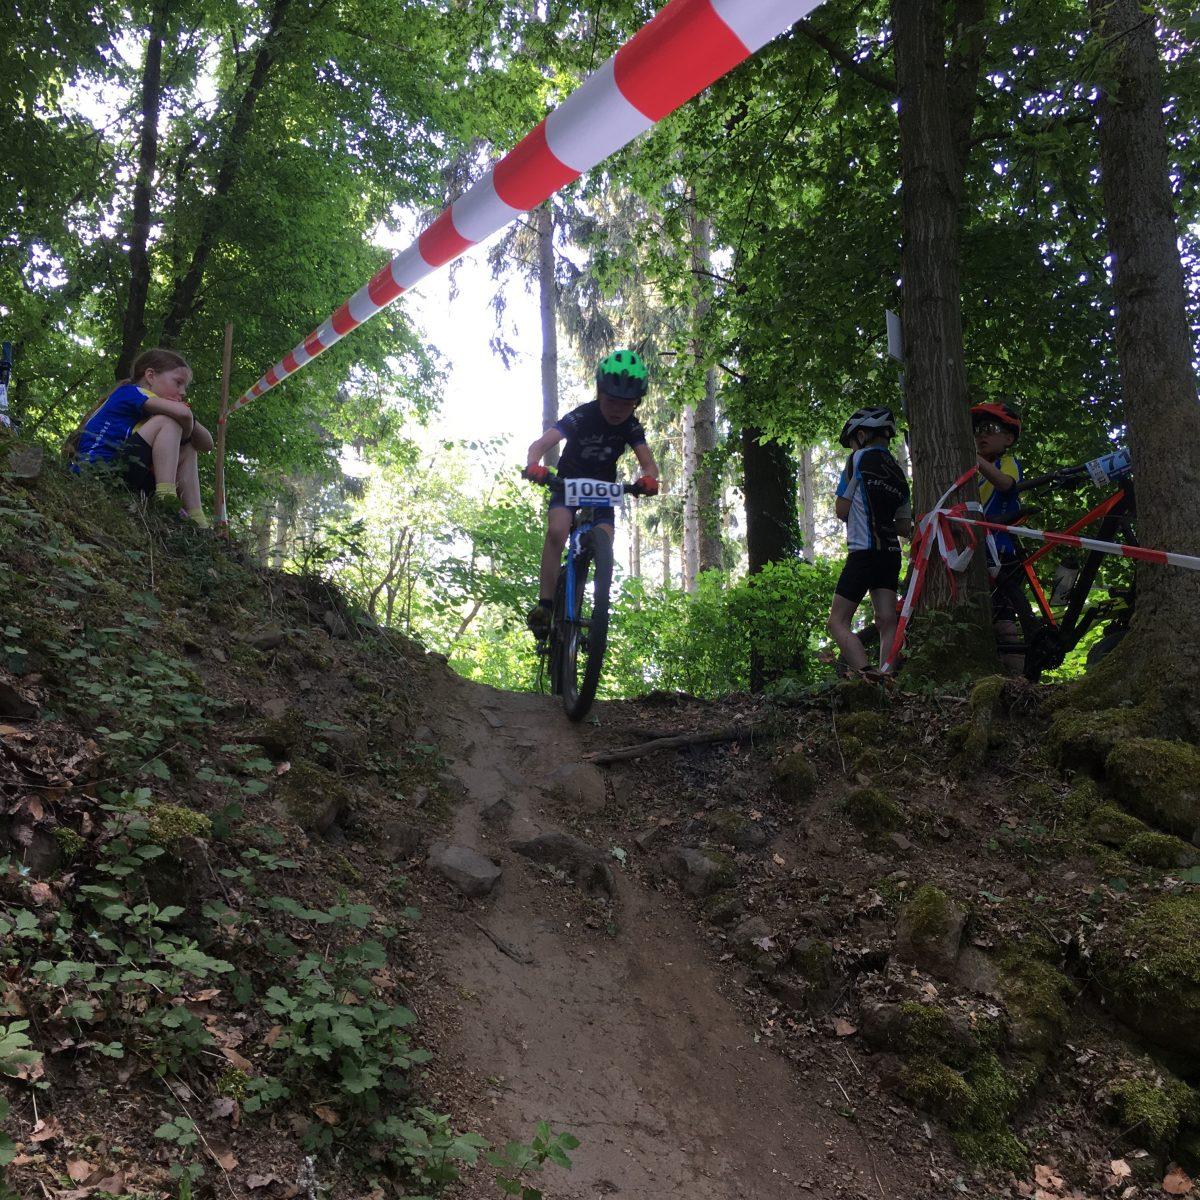 2. Lauf zum Hessencup 2018 in Gedern